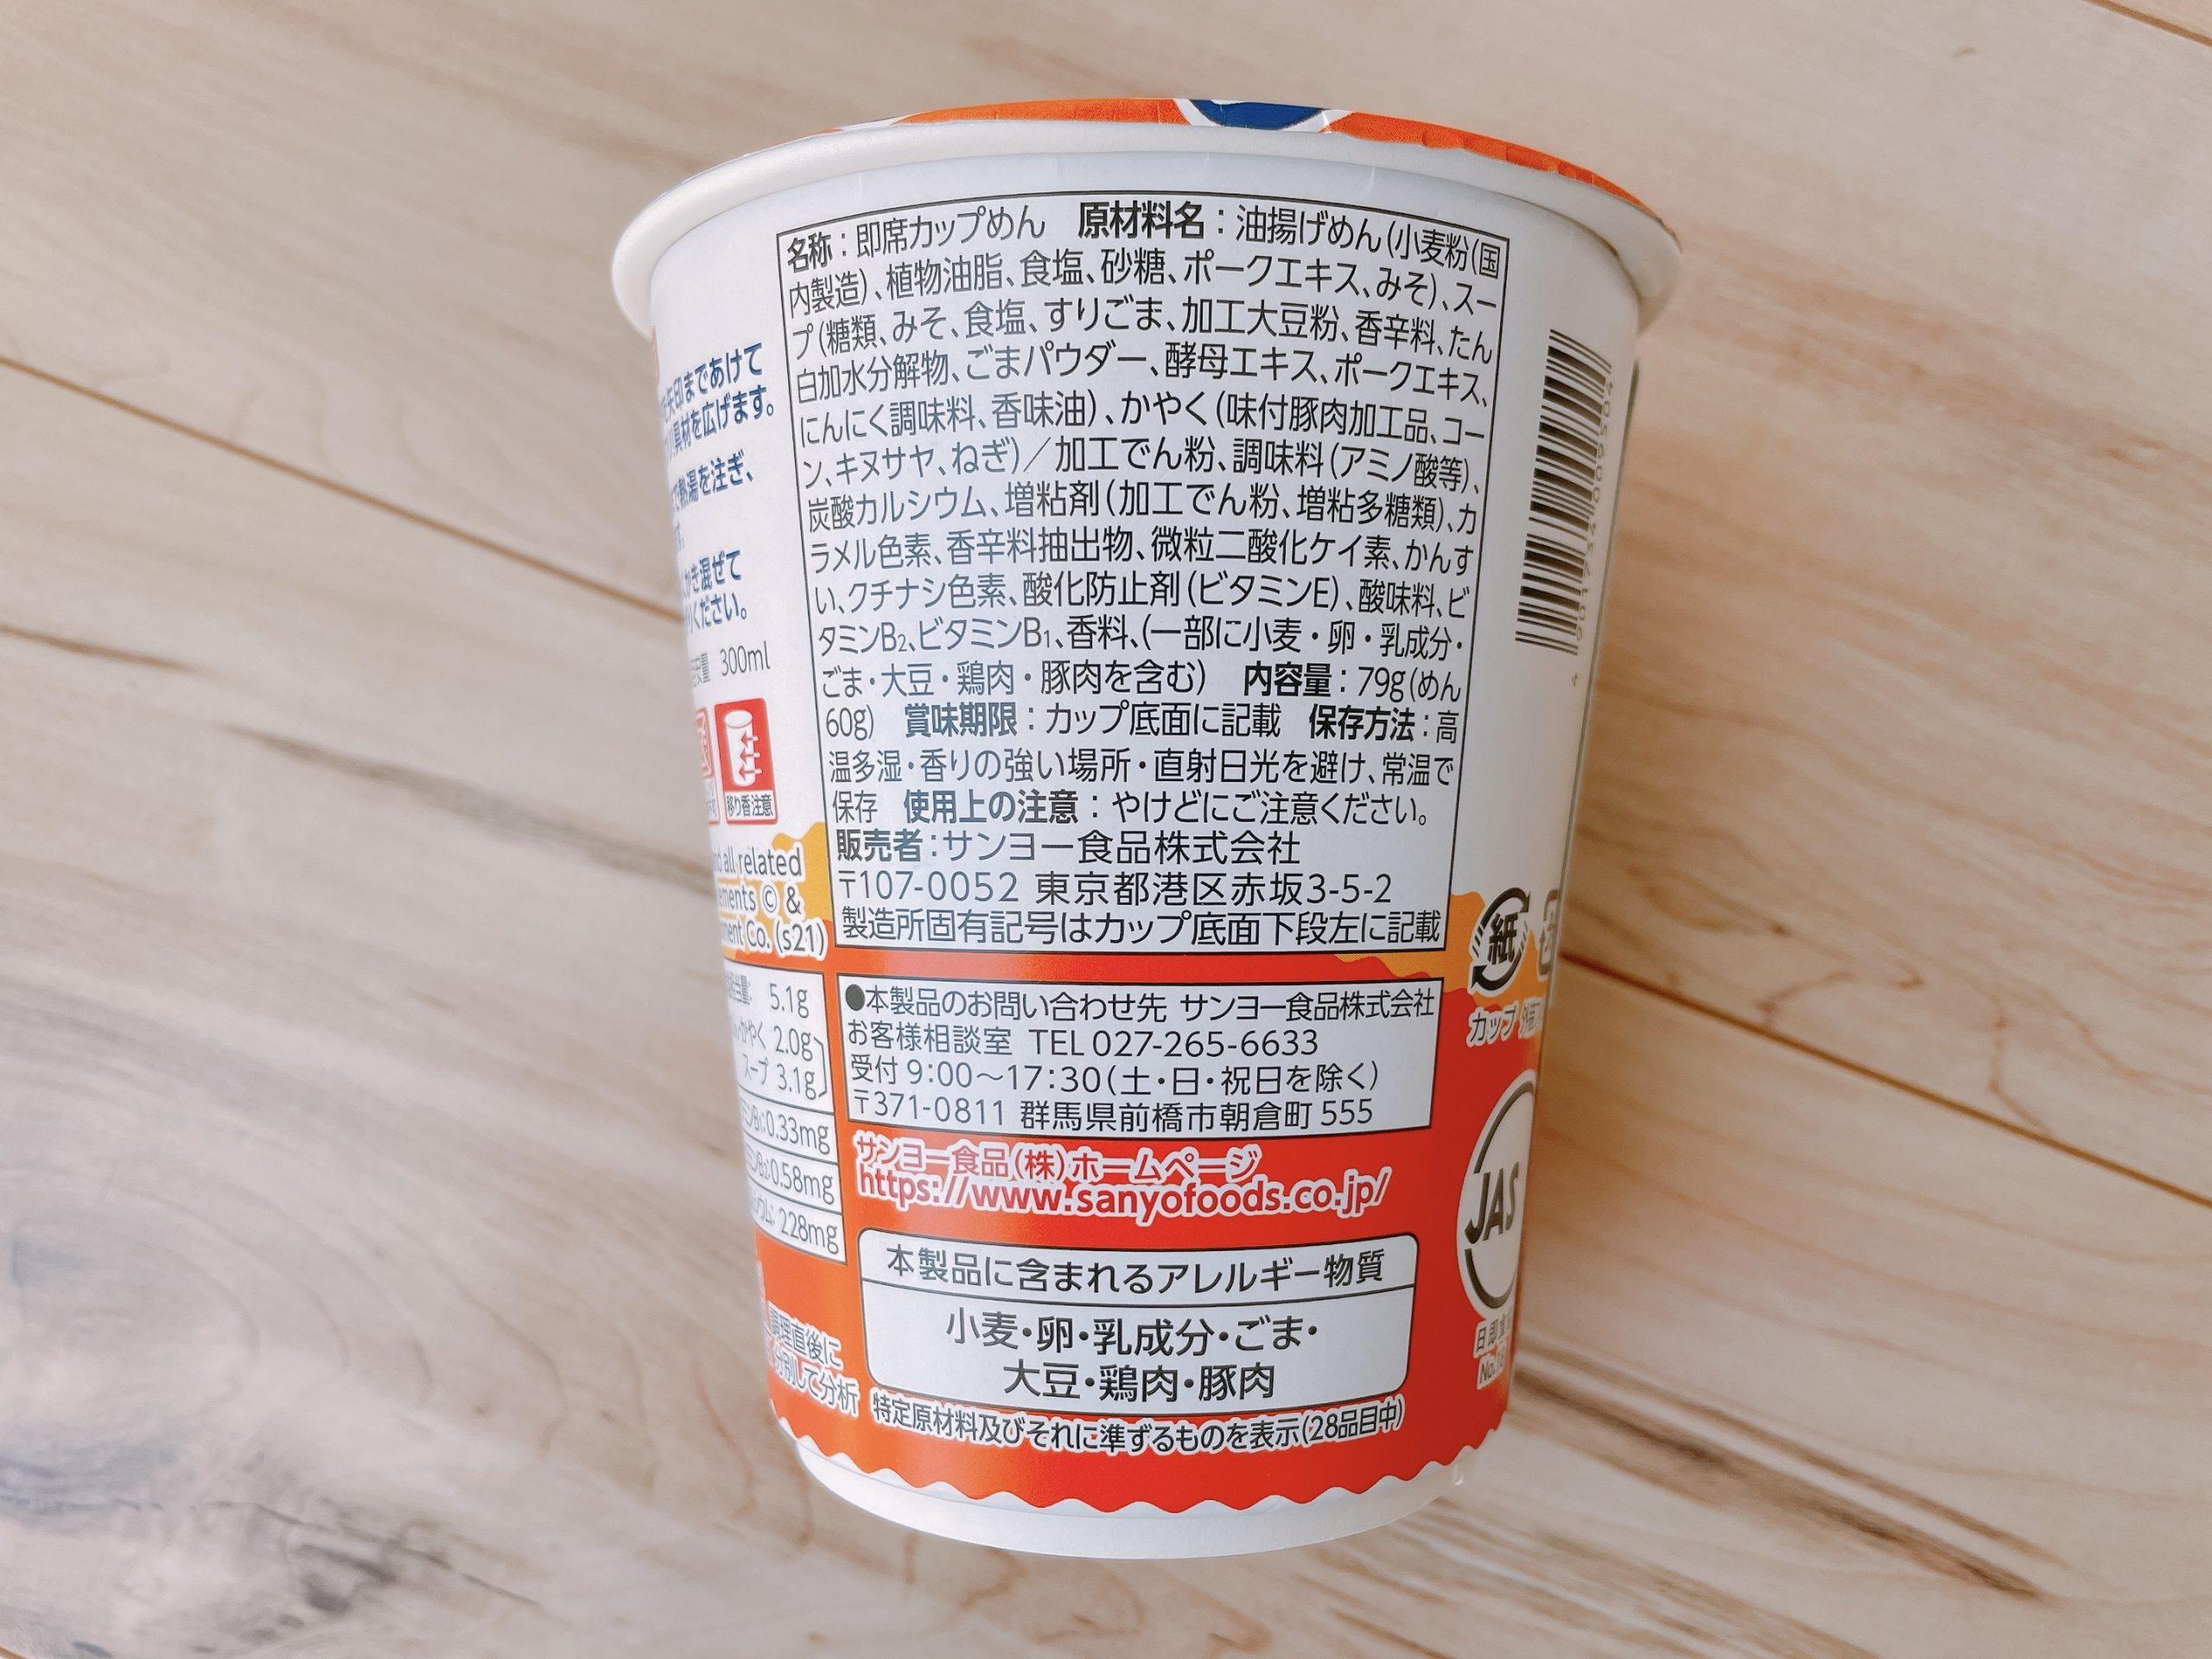 サッポロ一番カップスター味噌、原材料やカロリーなど1